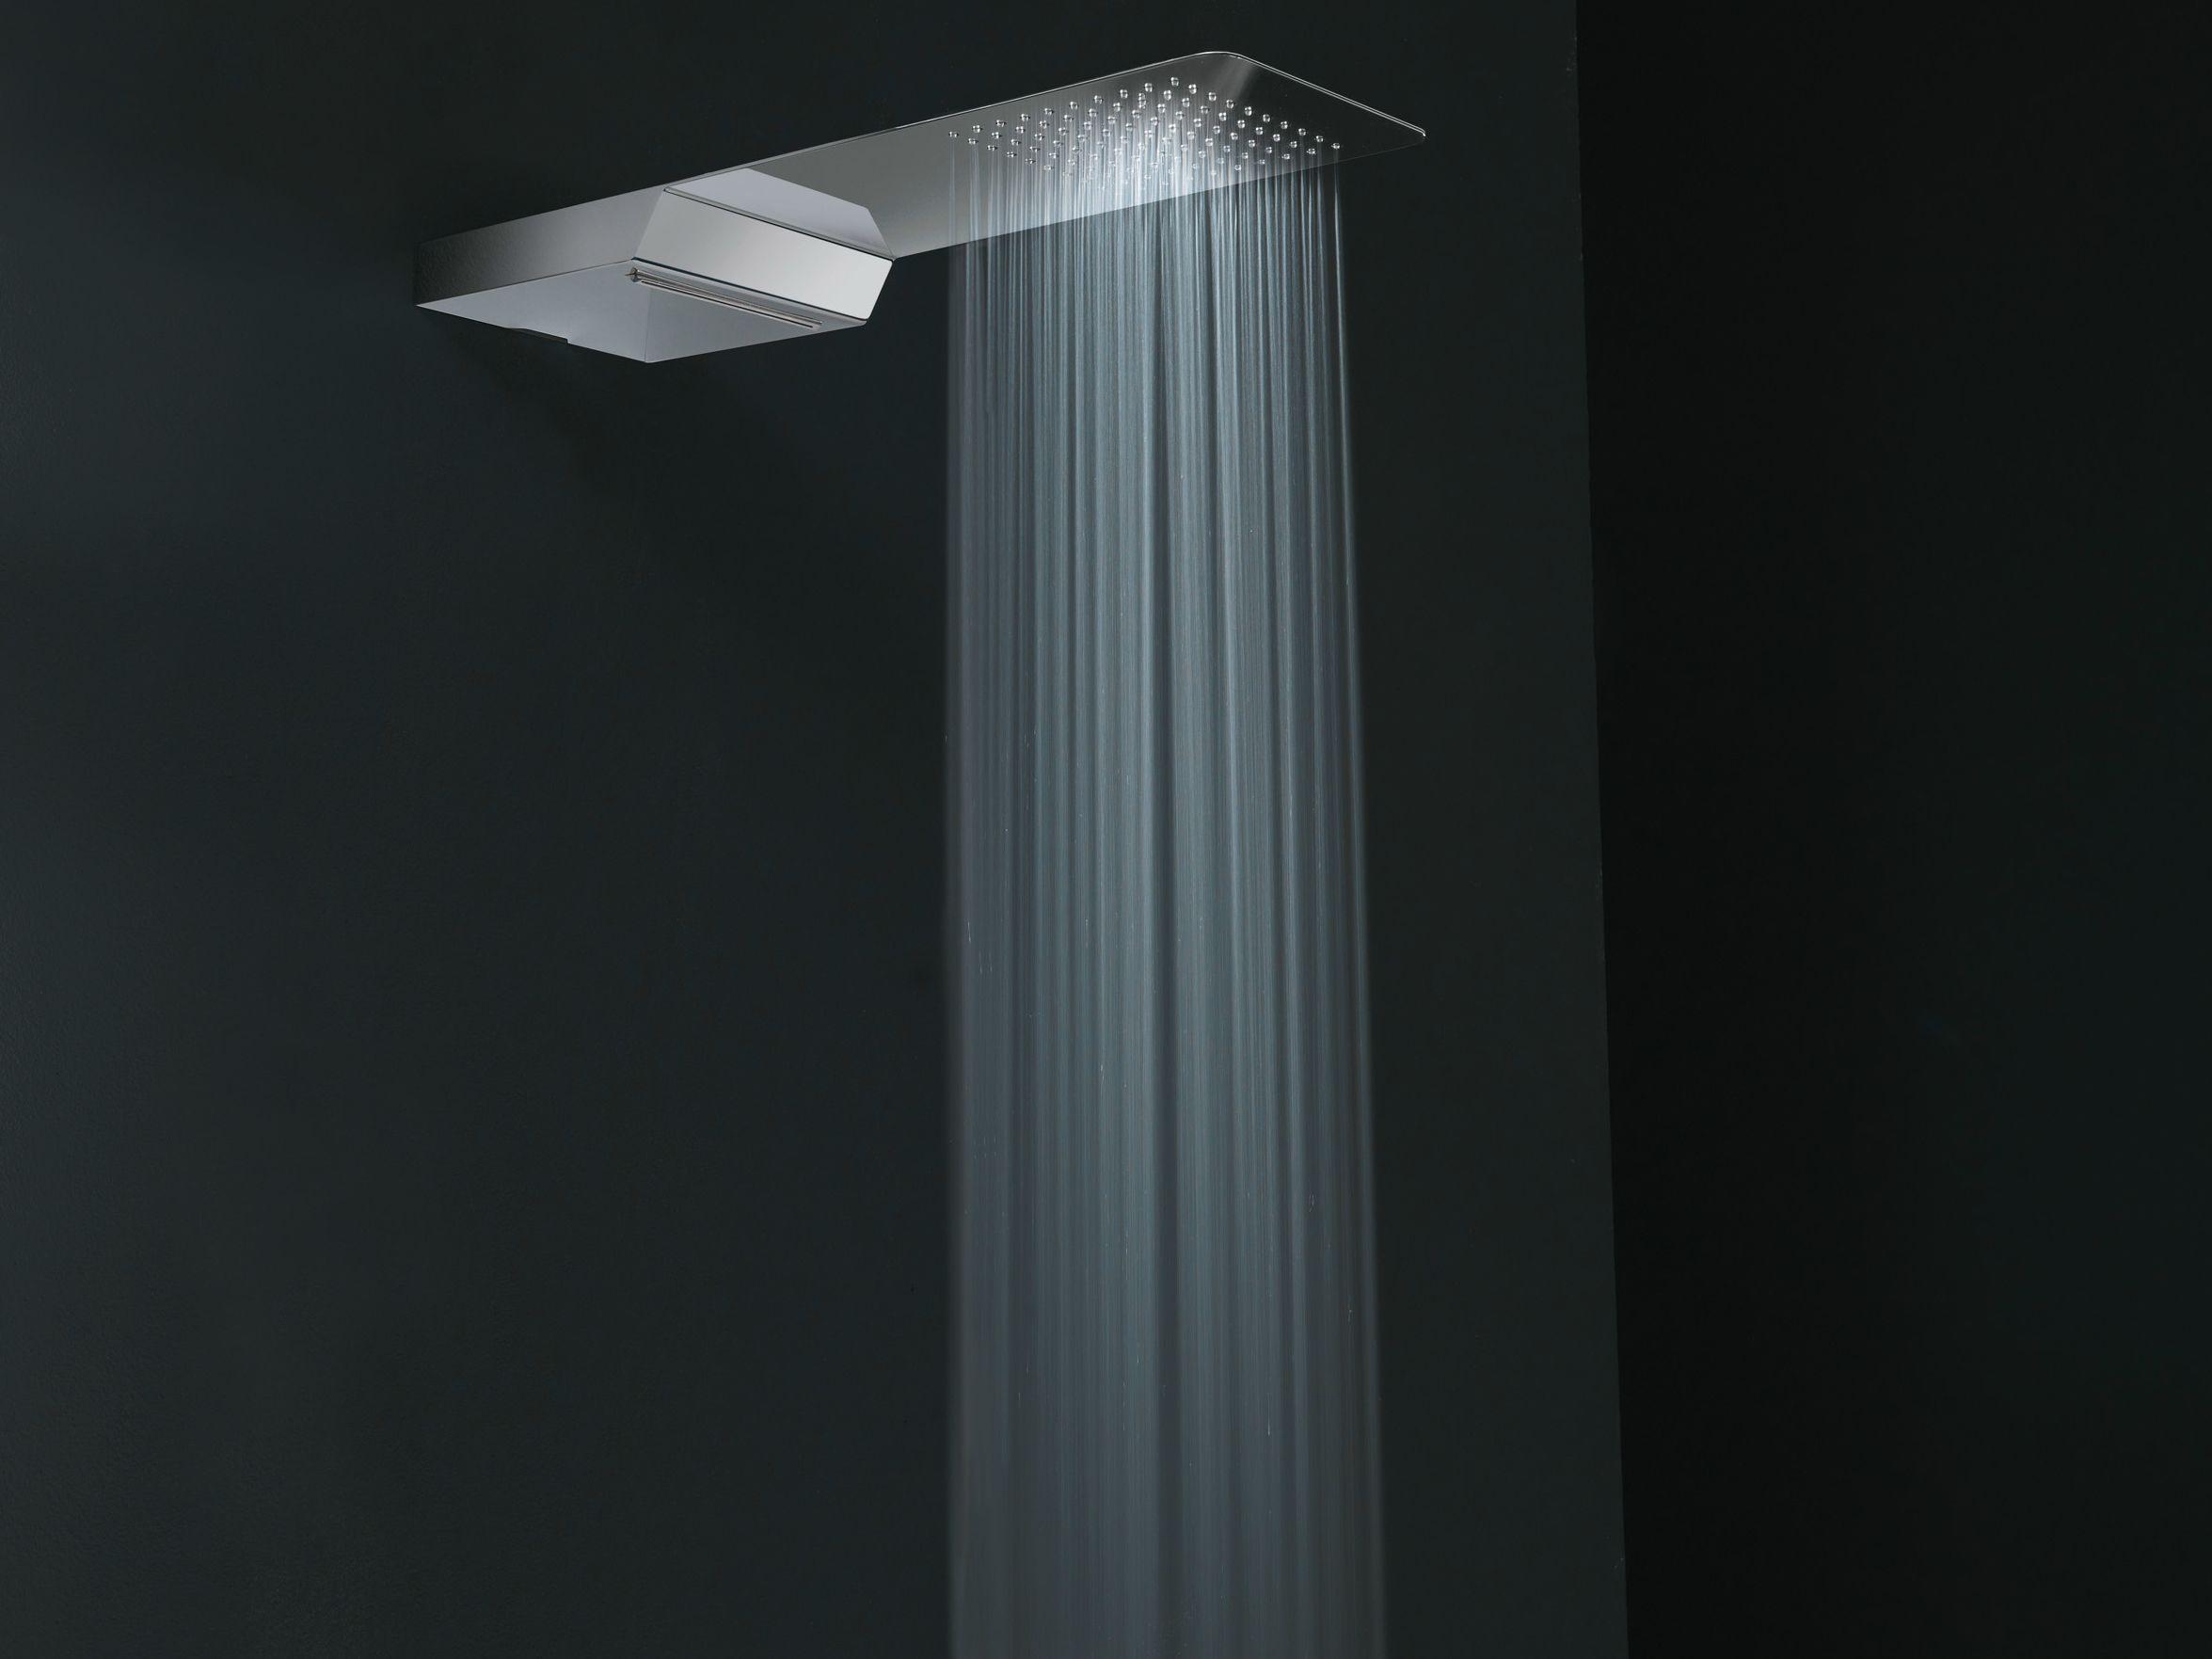 Pin Showering Waterfalls Desktop Background In High